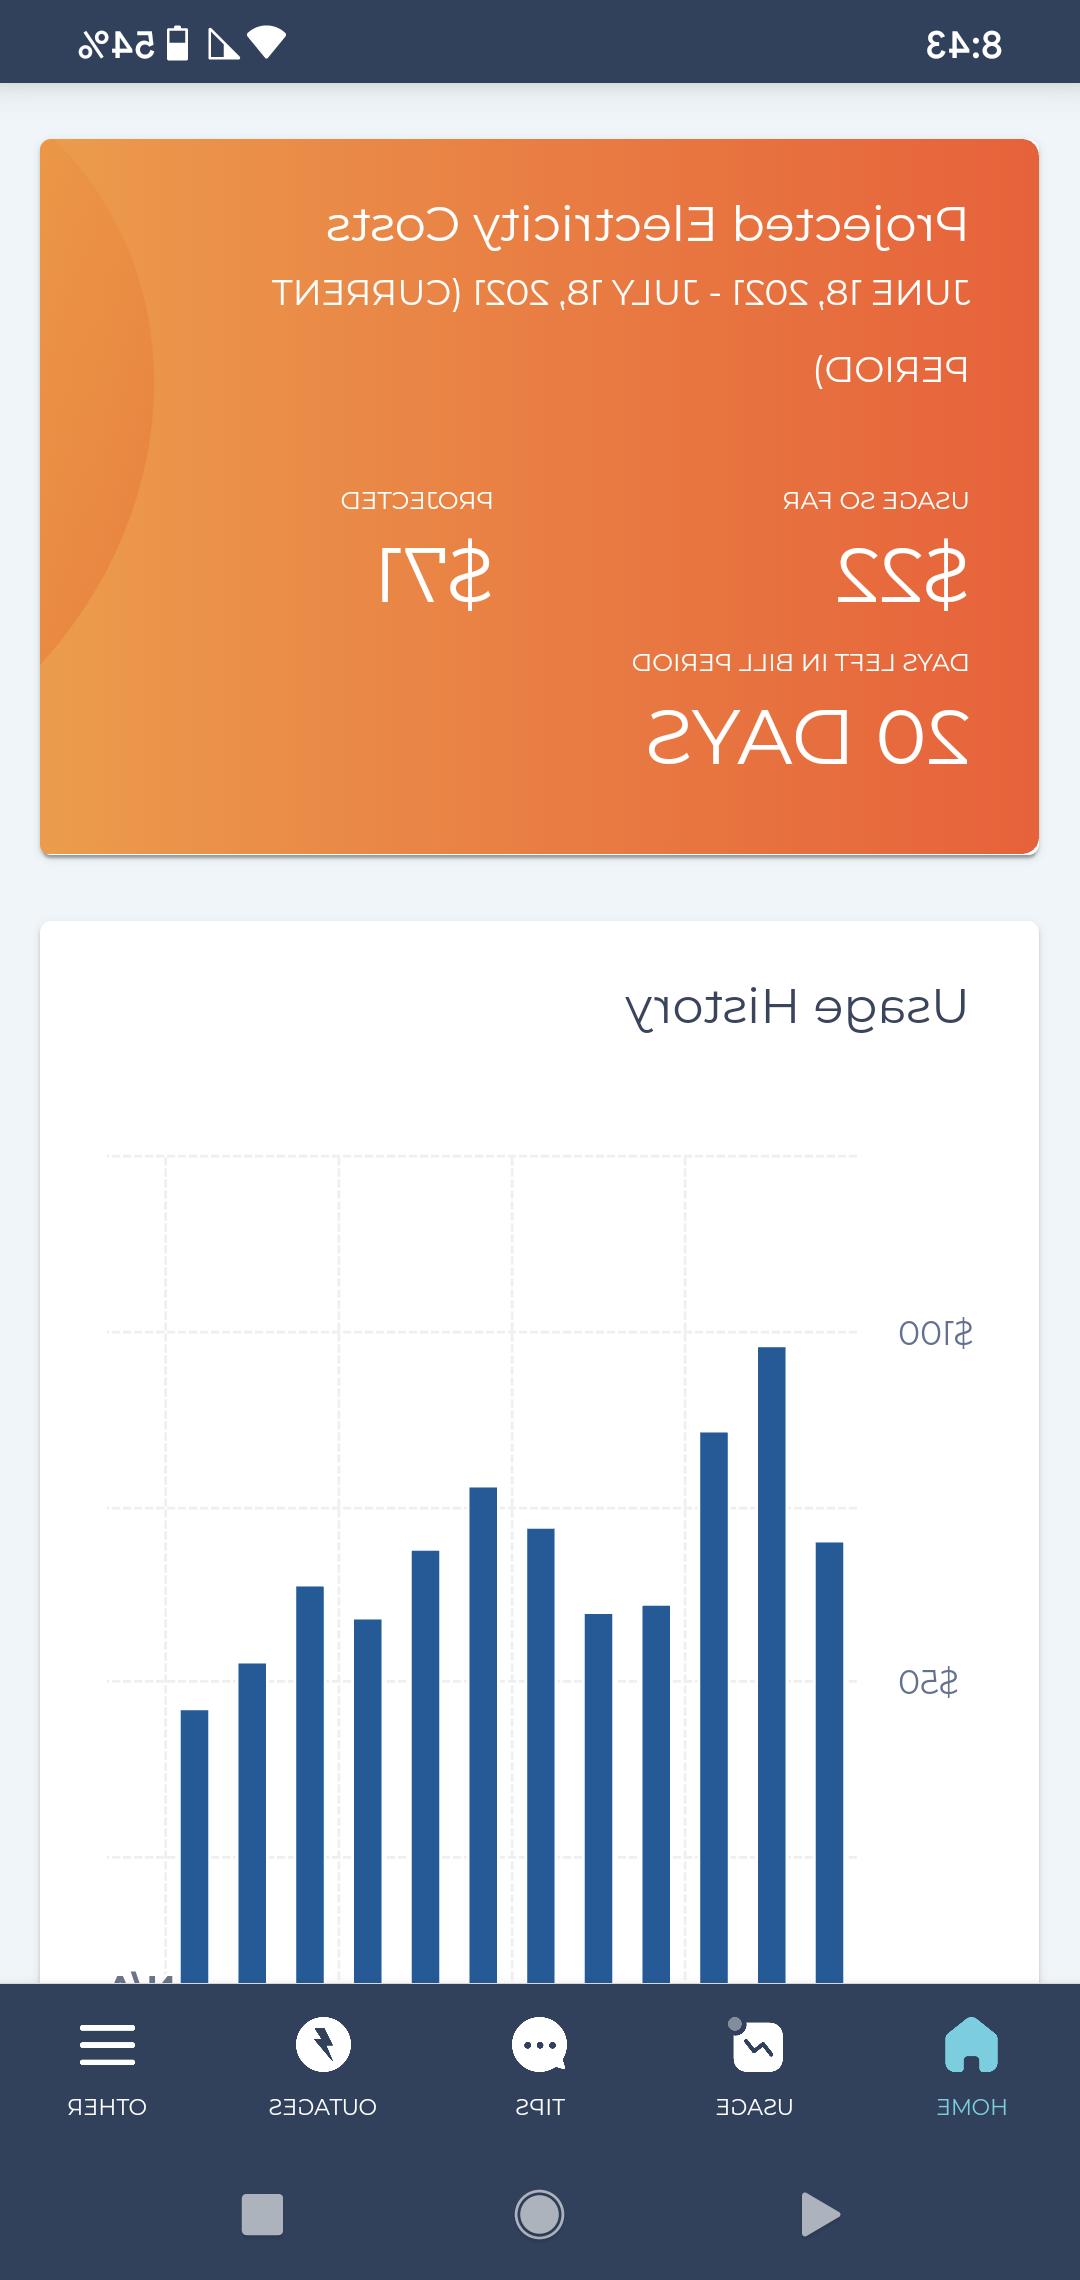 澳门凯旋门开户网站 App预估成本报告